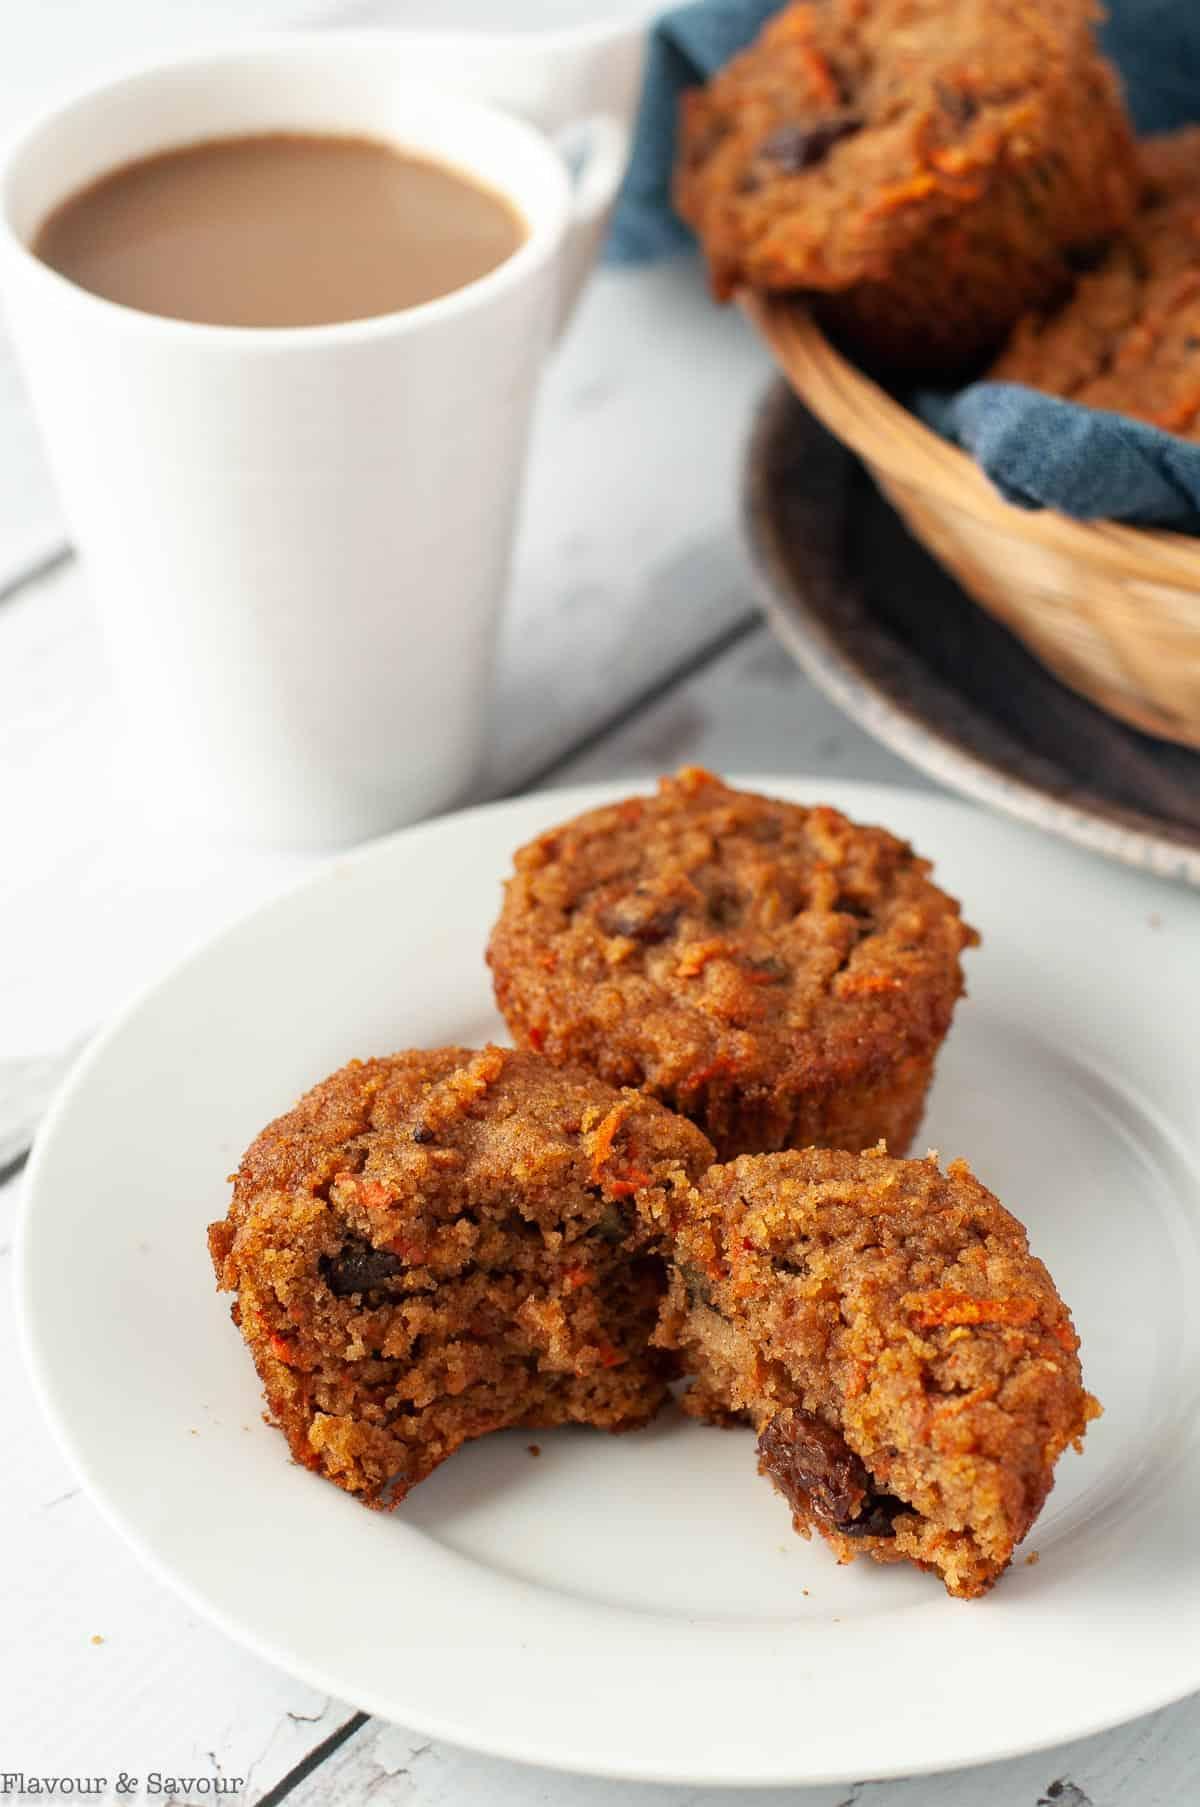 Gluten-free Sunshine Muffins split to show the interior.